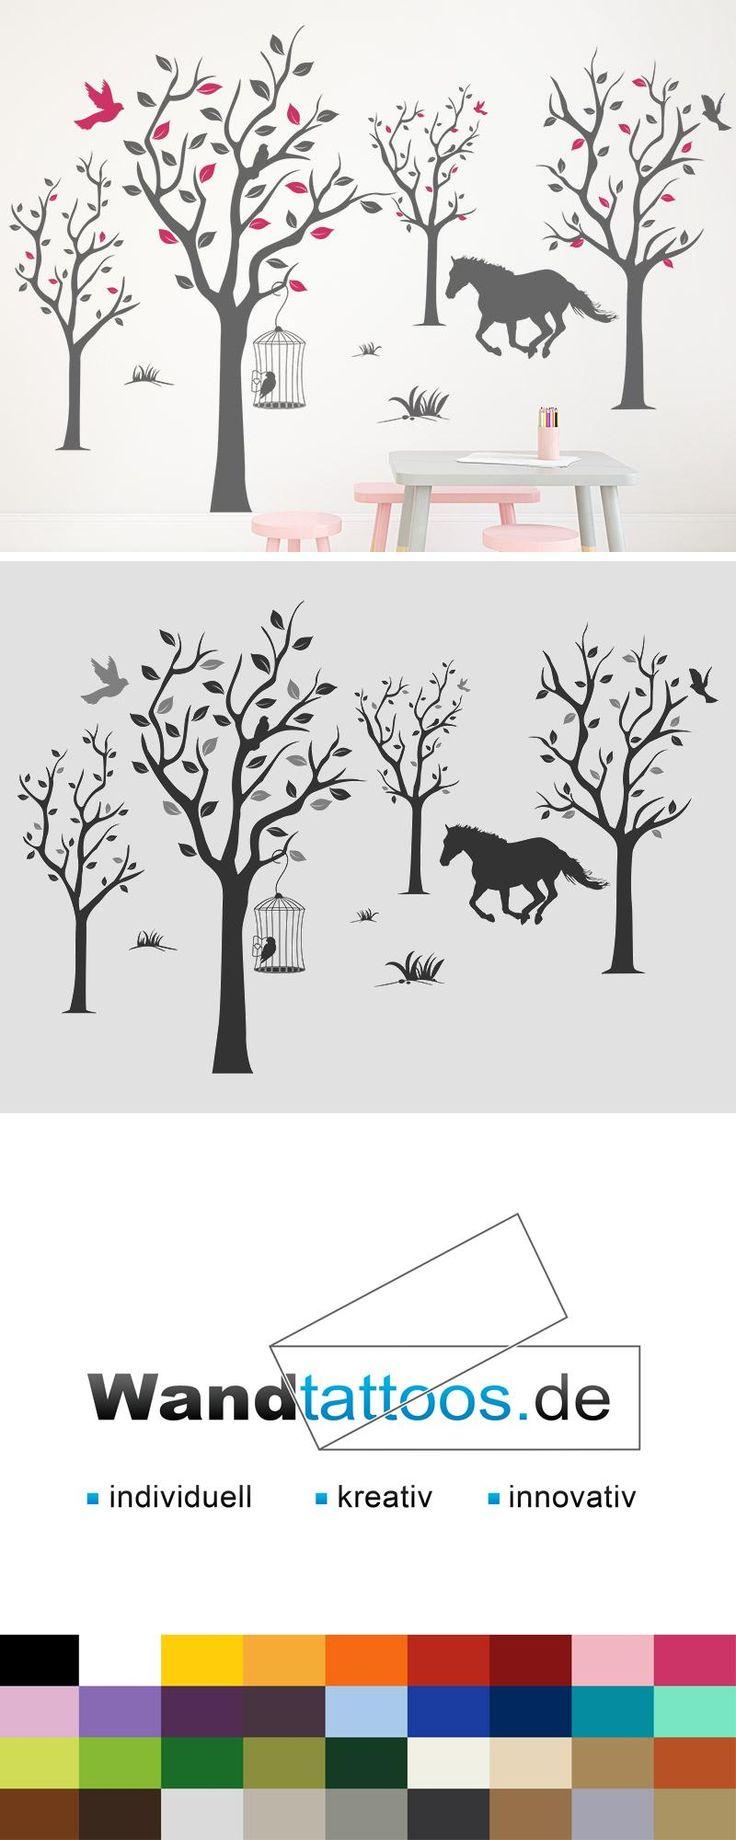 Wandtattoo Verspielte Baumlandschaft als Idee zur individuellen Wandgestaltung. Einfach Lieblingsfarbe und Größe auswählen. Weitere kreative Anregungen von Wandtattoos.de hier entdecken!